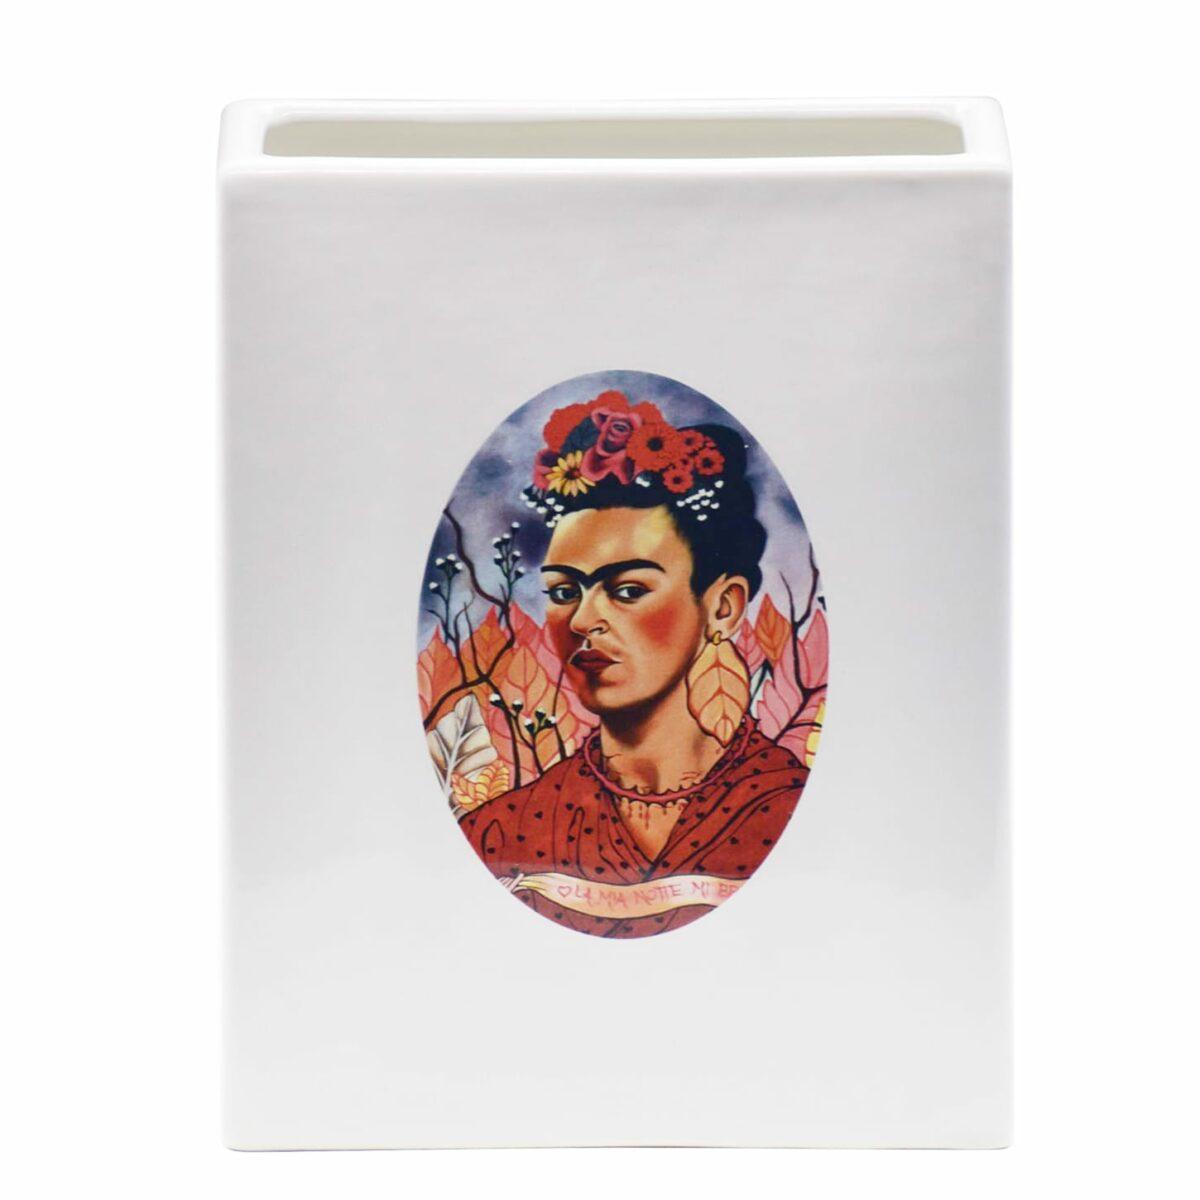 vaso in ceramica bianco rettangolare con l'immagine di Frida Khalo